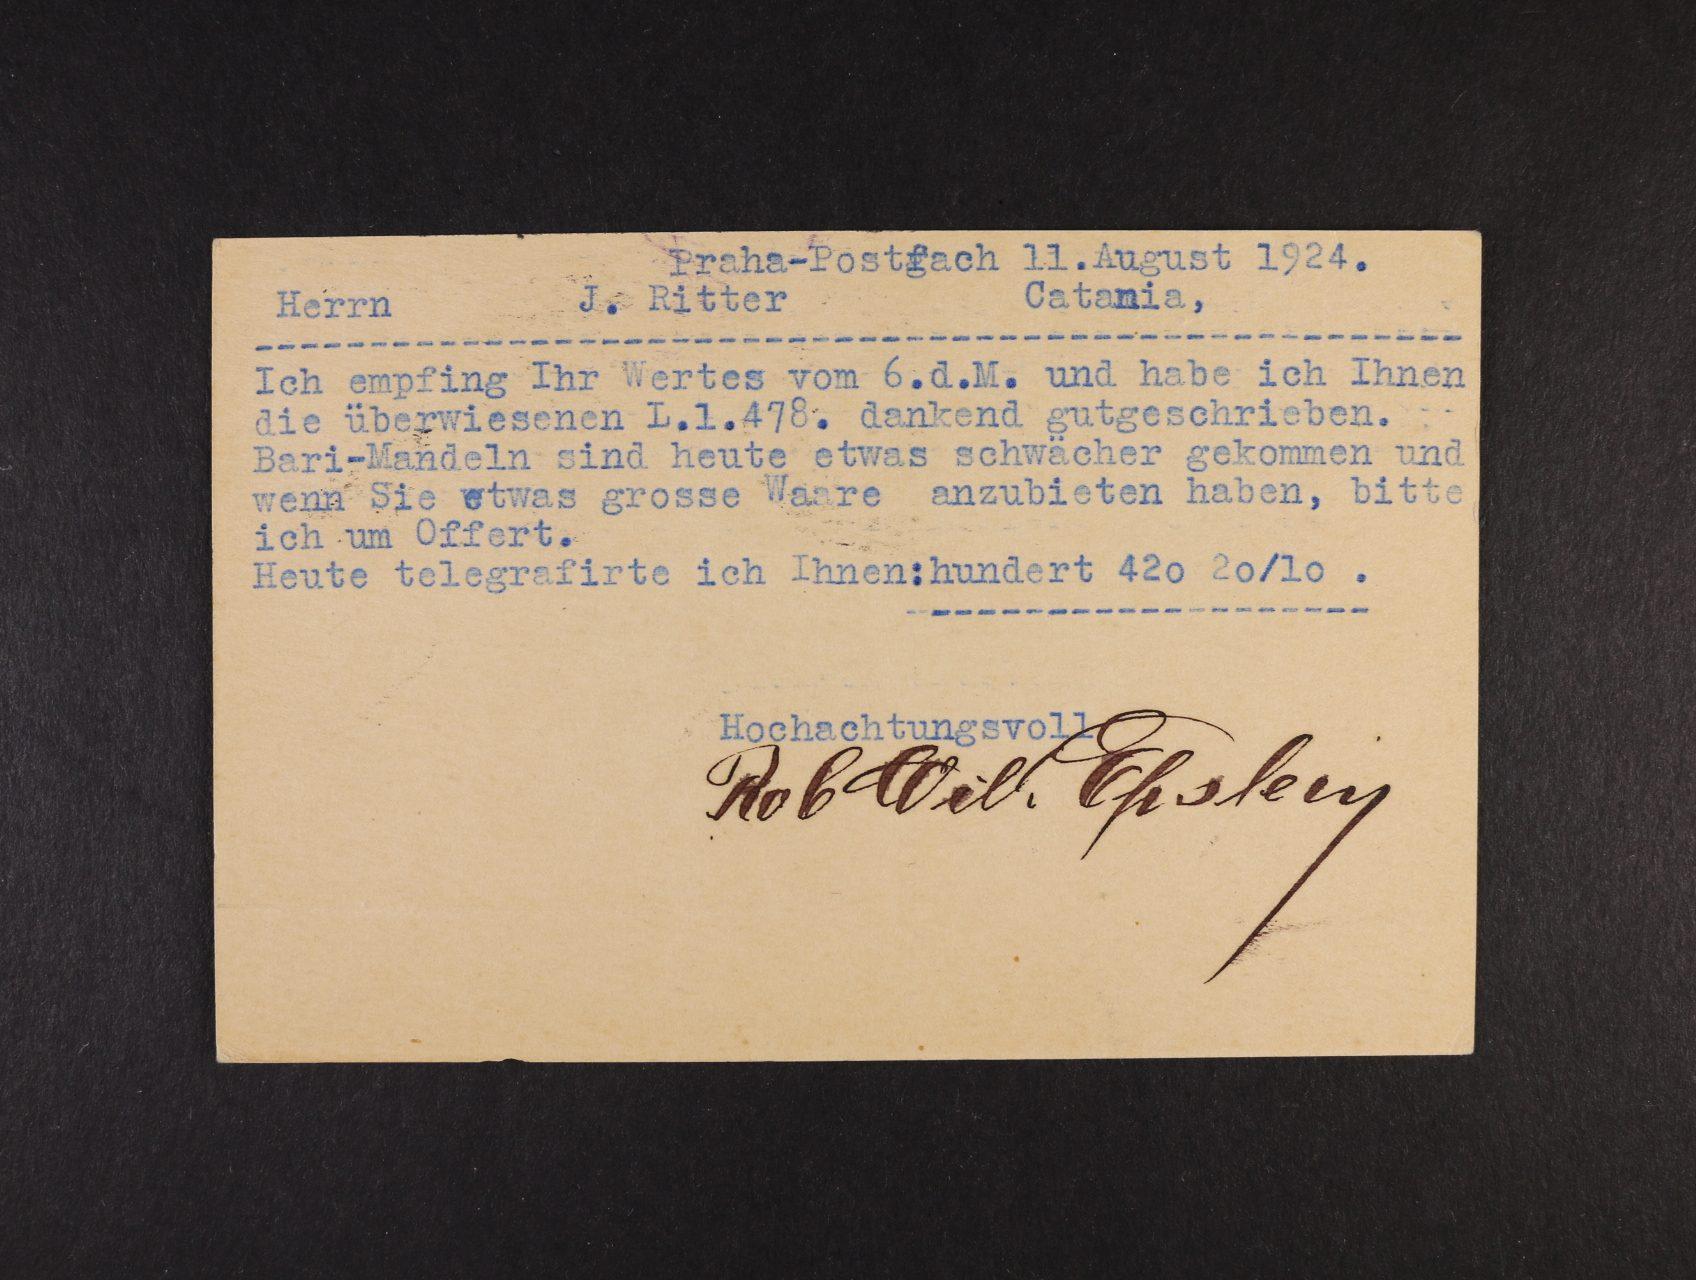 Epstein Robert Wilhelm, němeco-židovský fyzik - strojem psaný KL z r. 1924 s vlastnoručním podpisem